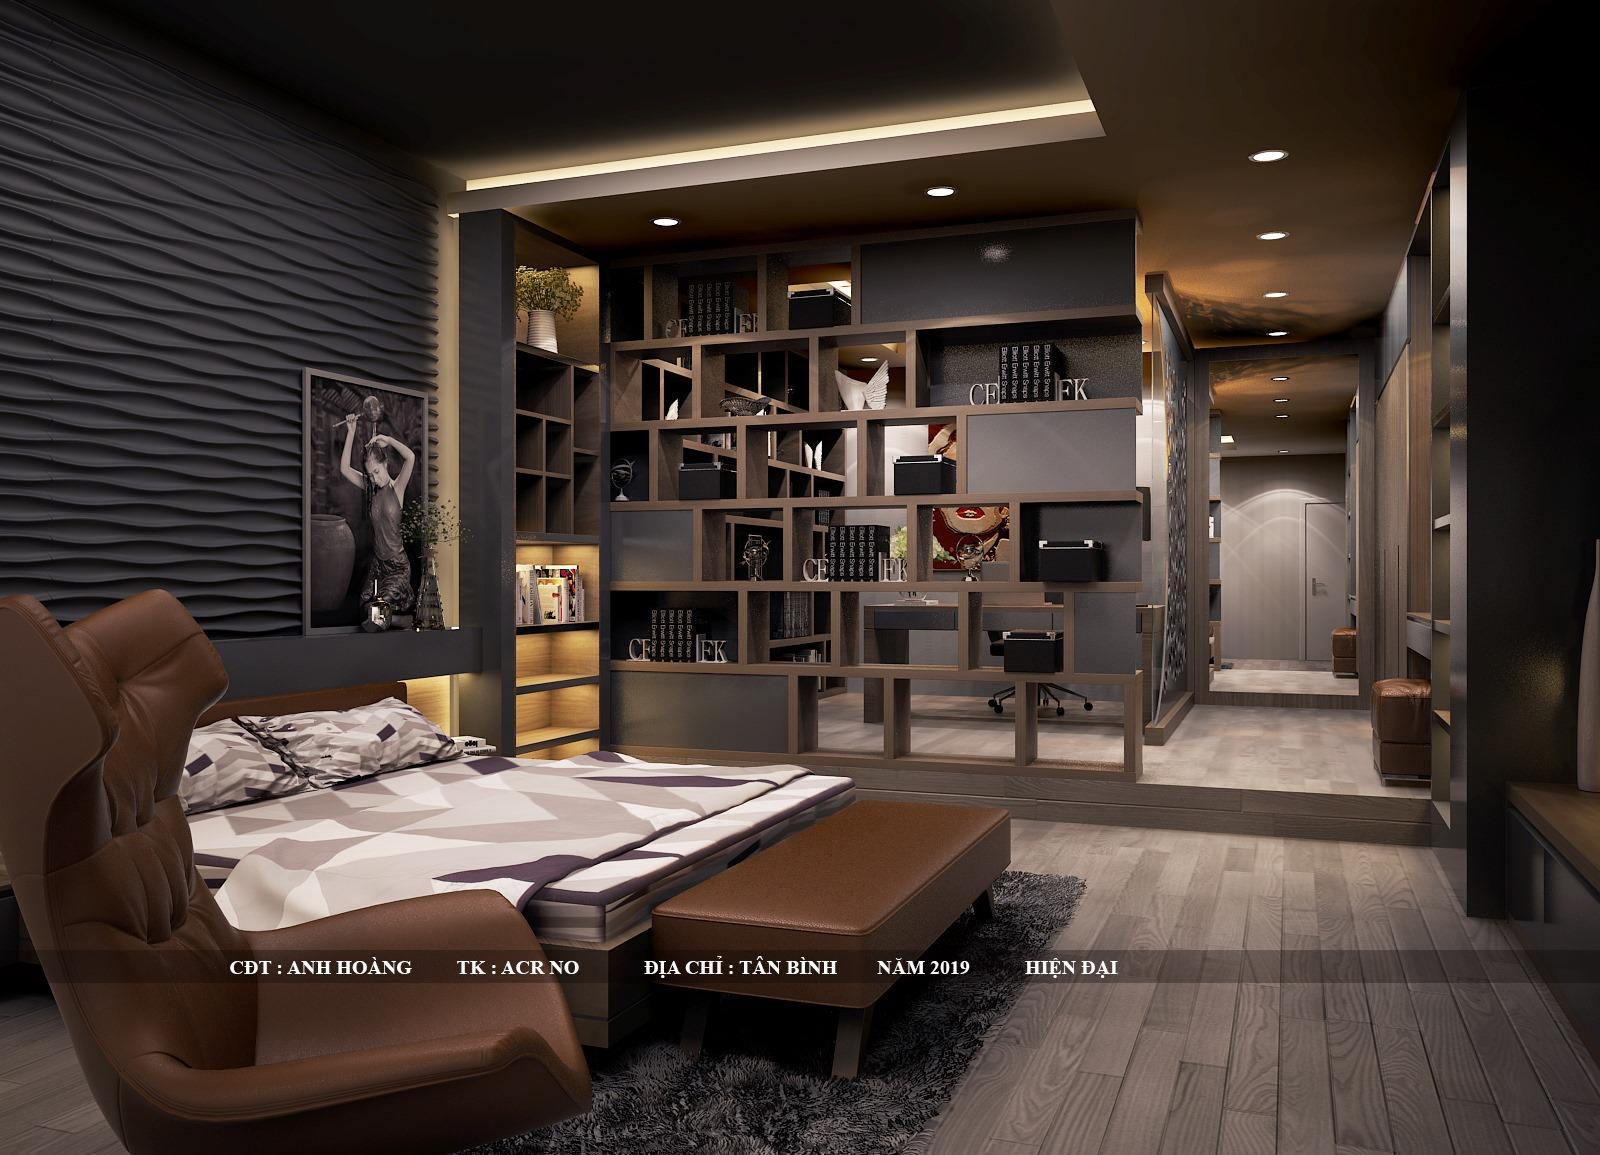 Xu hướng thiết kế nội thất phòng ngủ theo phong cách cổ điển